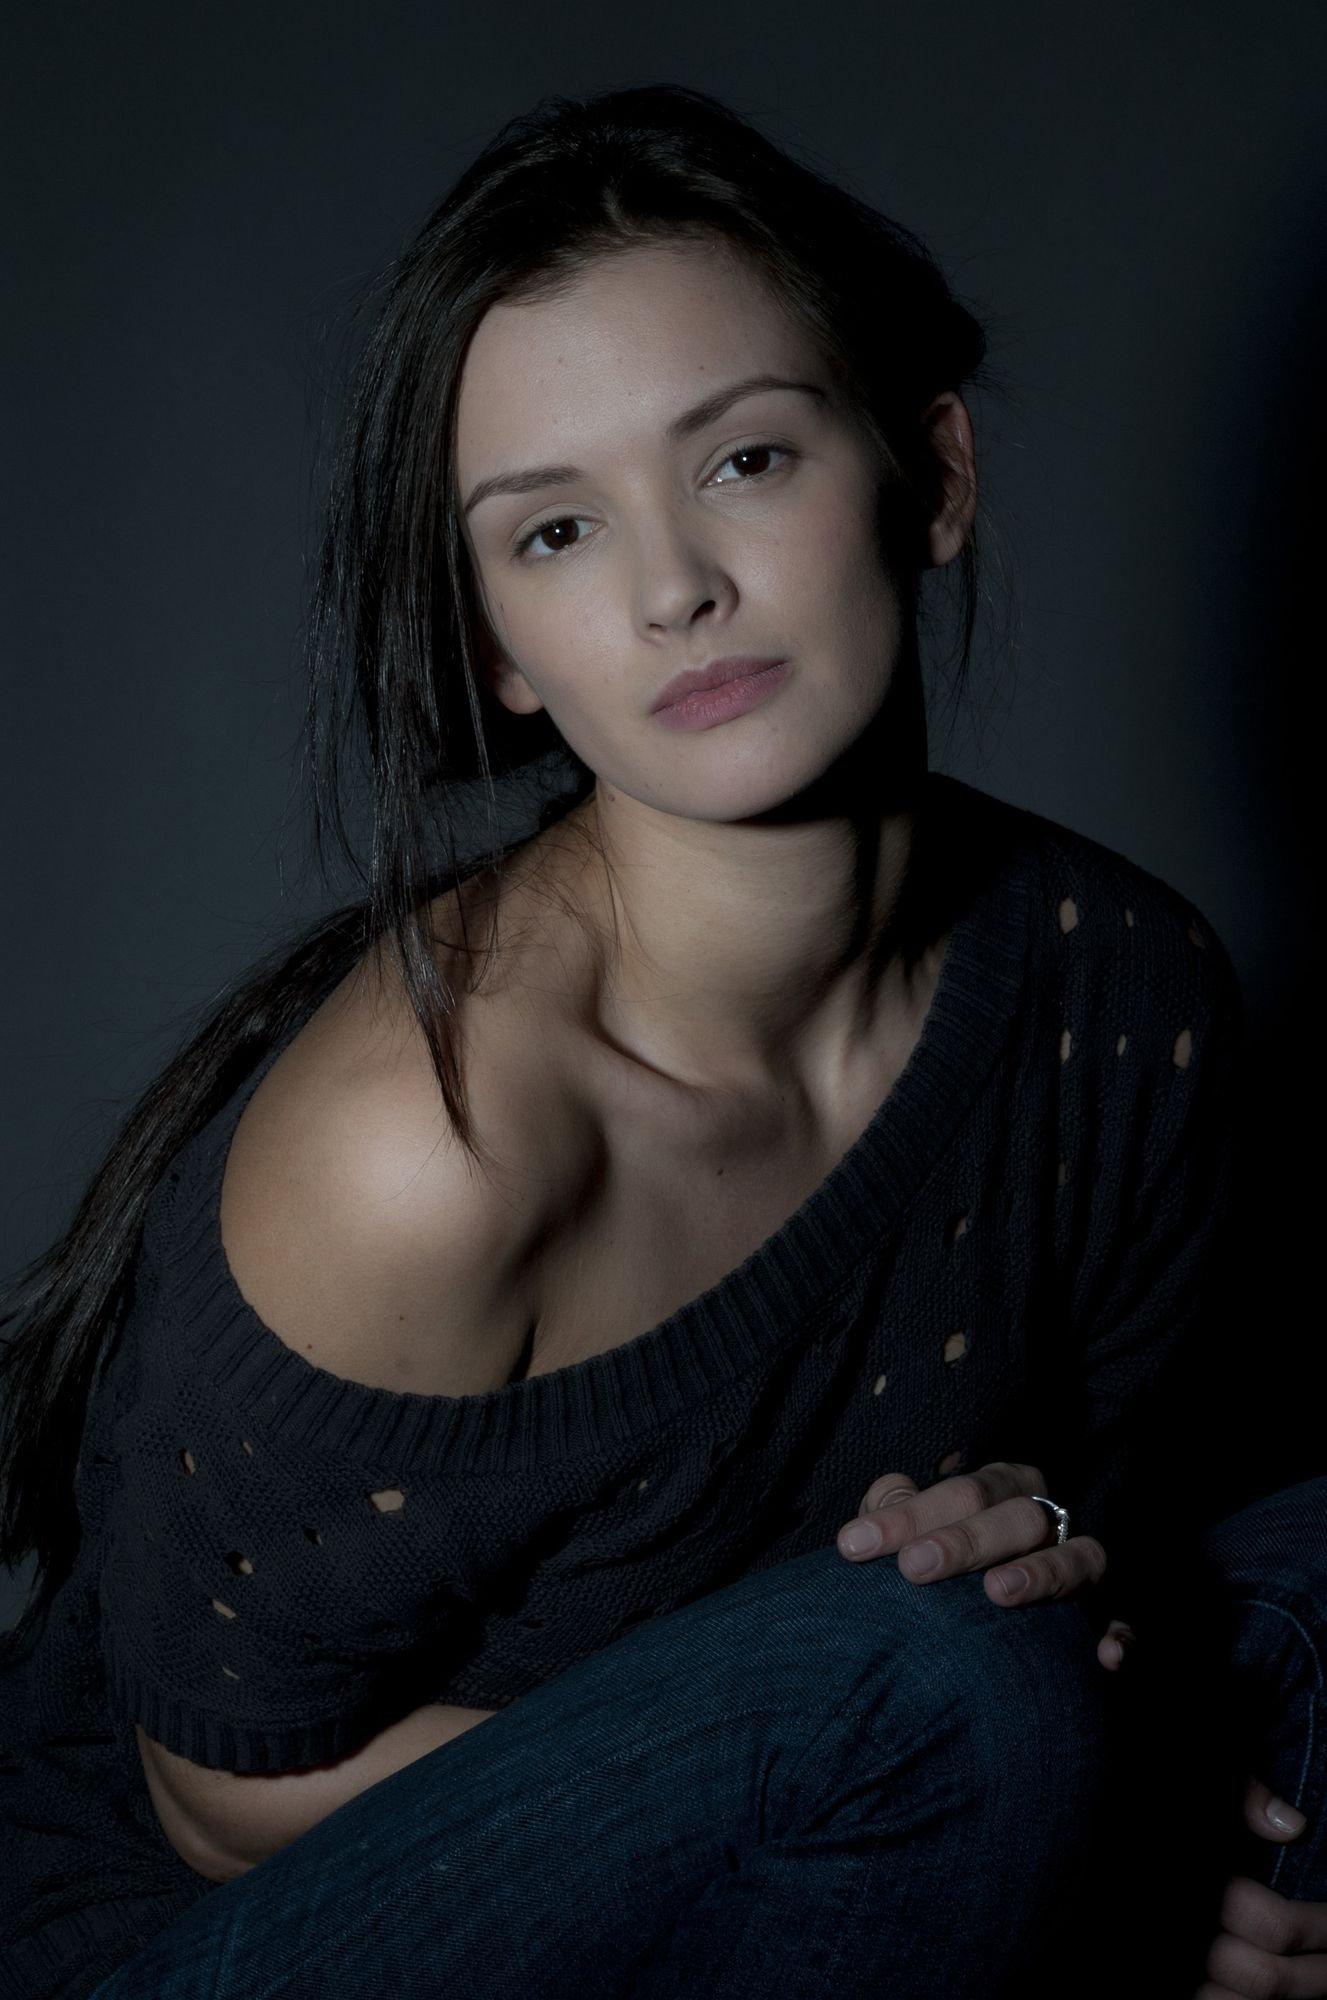 Фото и биографии российских порно актрис 9 фотография